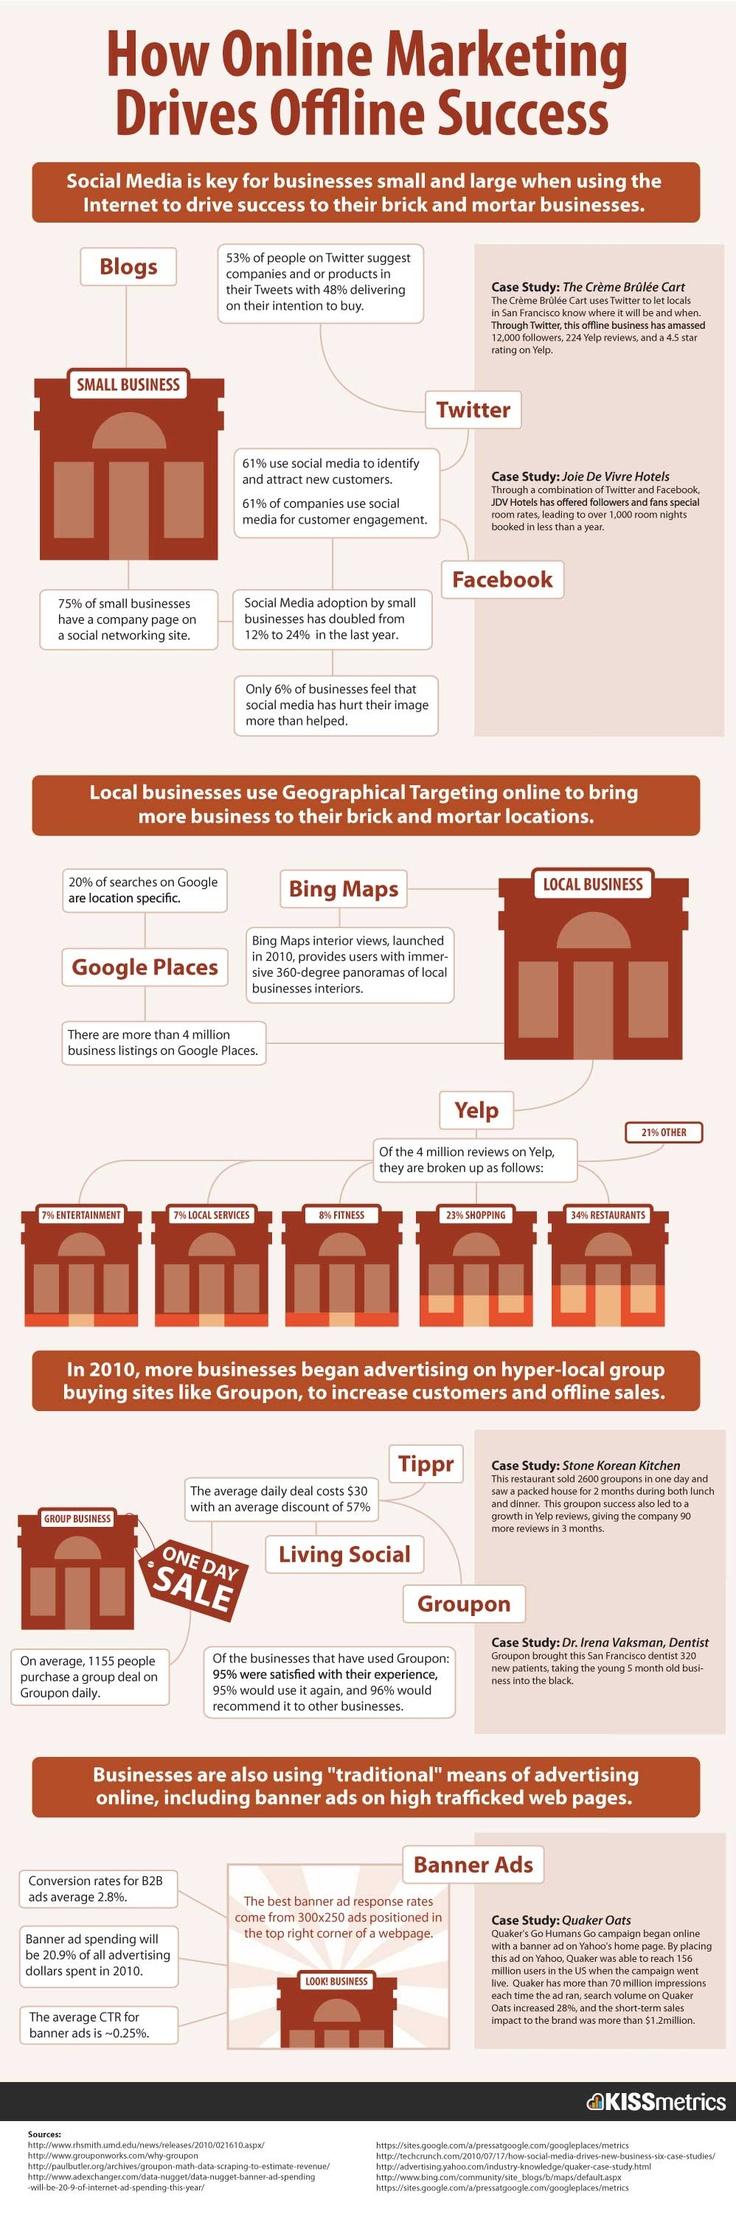 """Social Media is voor veel grote en kleine bedrijven het sleutelwoord bij het verplaatsen van hun online bezoekers naar hun """"fysieke"""" locatie. #Infographic #marketing #socialmedia"""